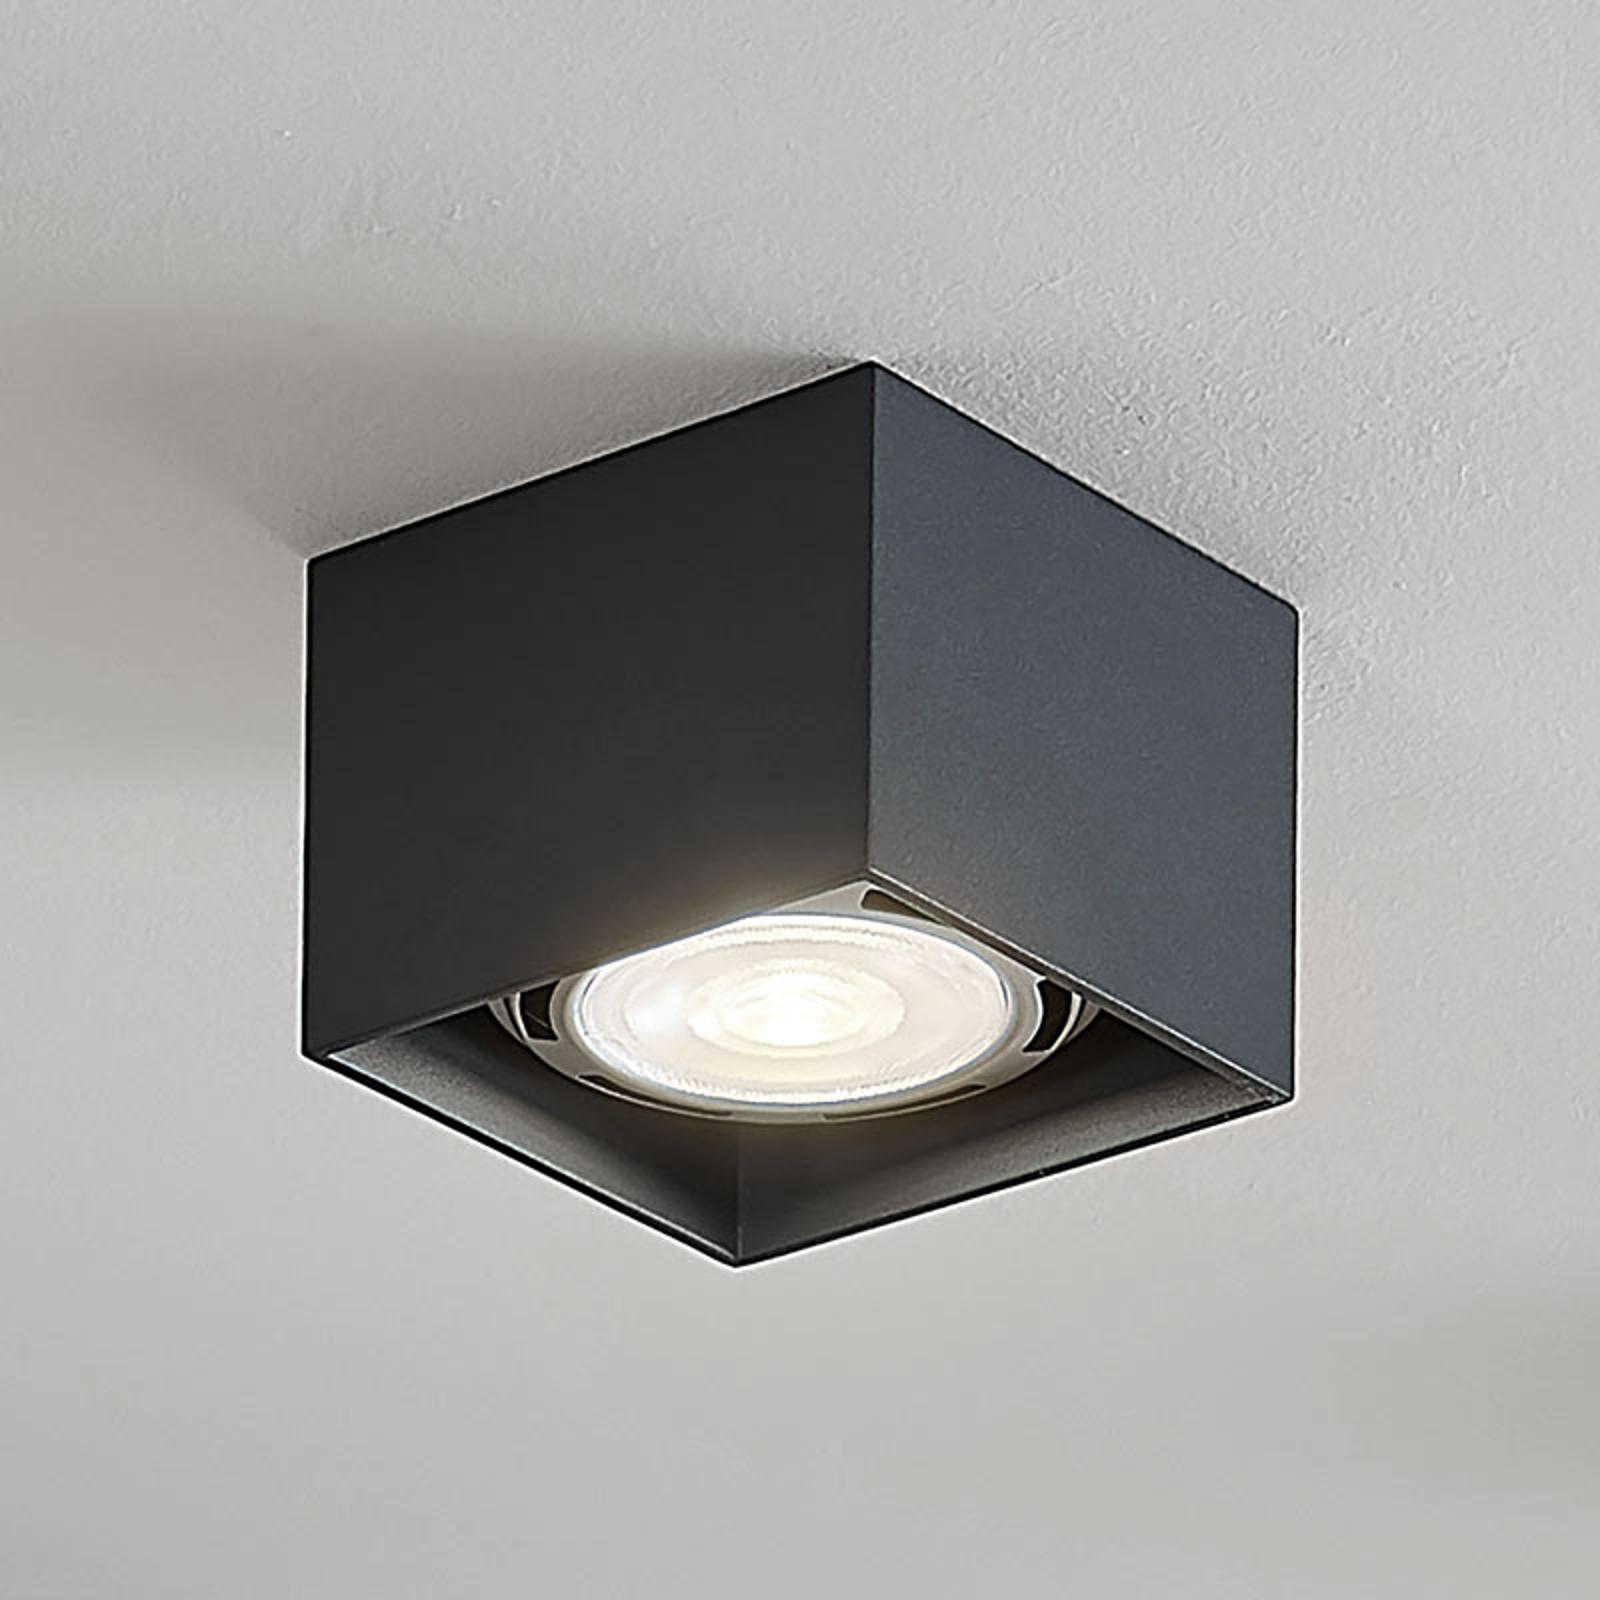 Stropní LED bodové světlo Mabel, hranaté, šedé